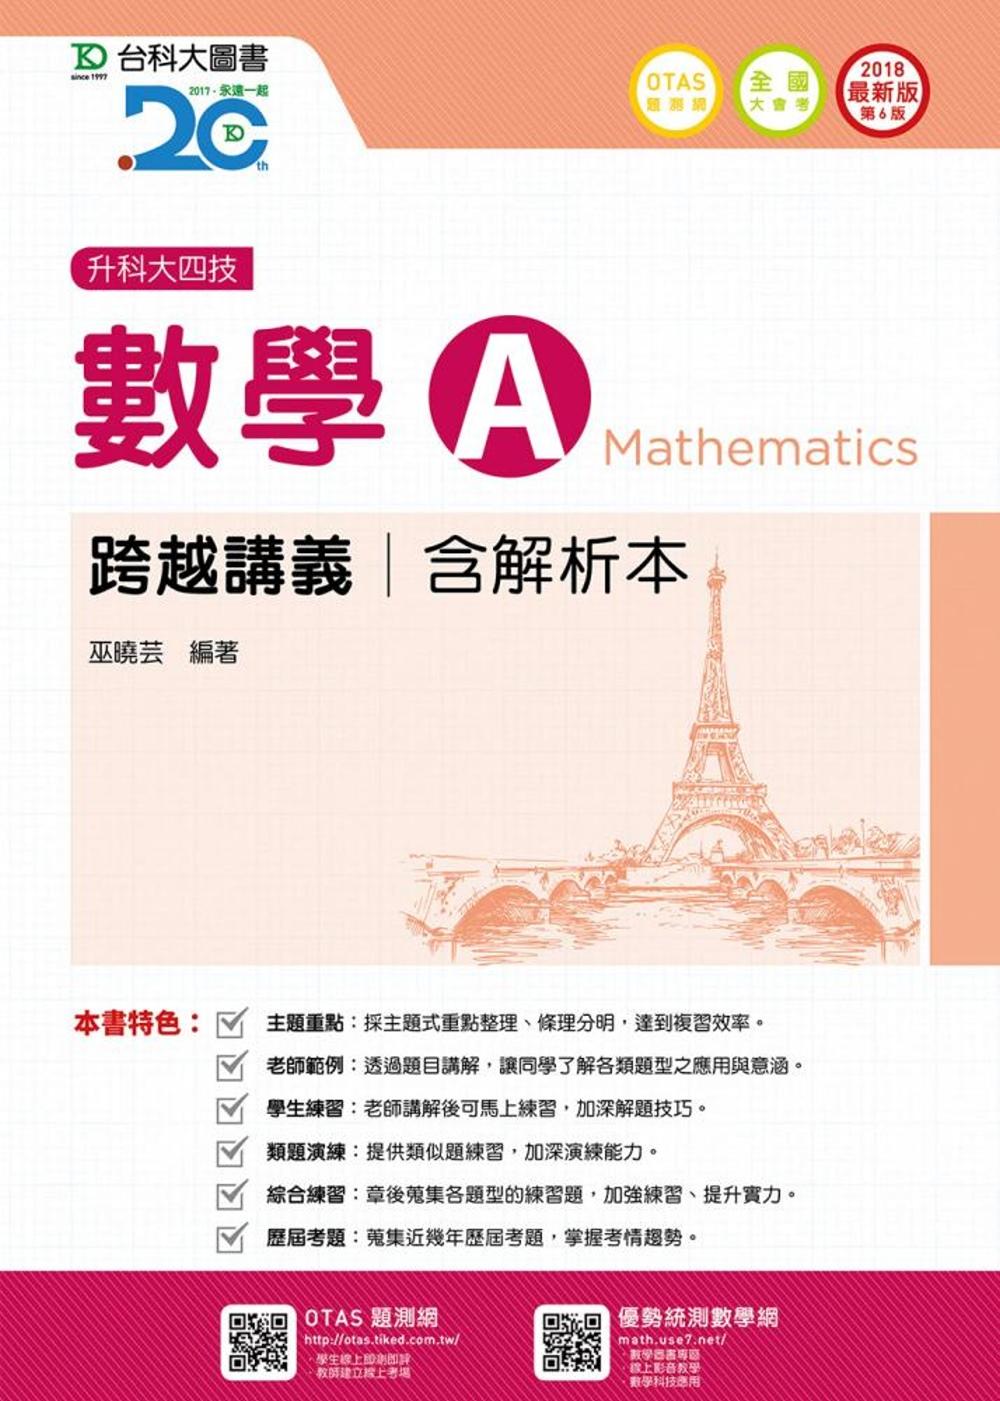 升科大四技數學 A 跨越講義含解析本 - 2018年最新版(第六版)(附贈OTAS題測系統)